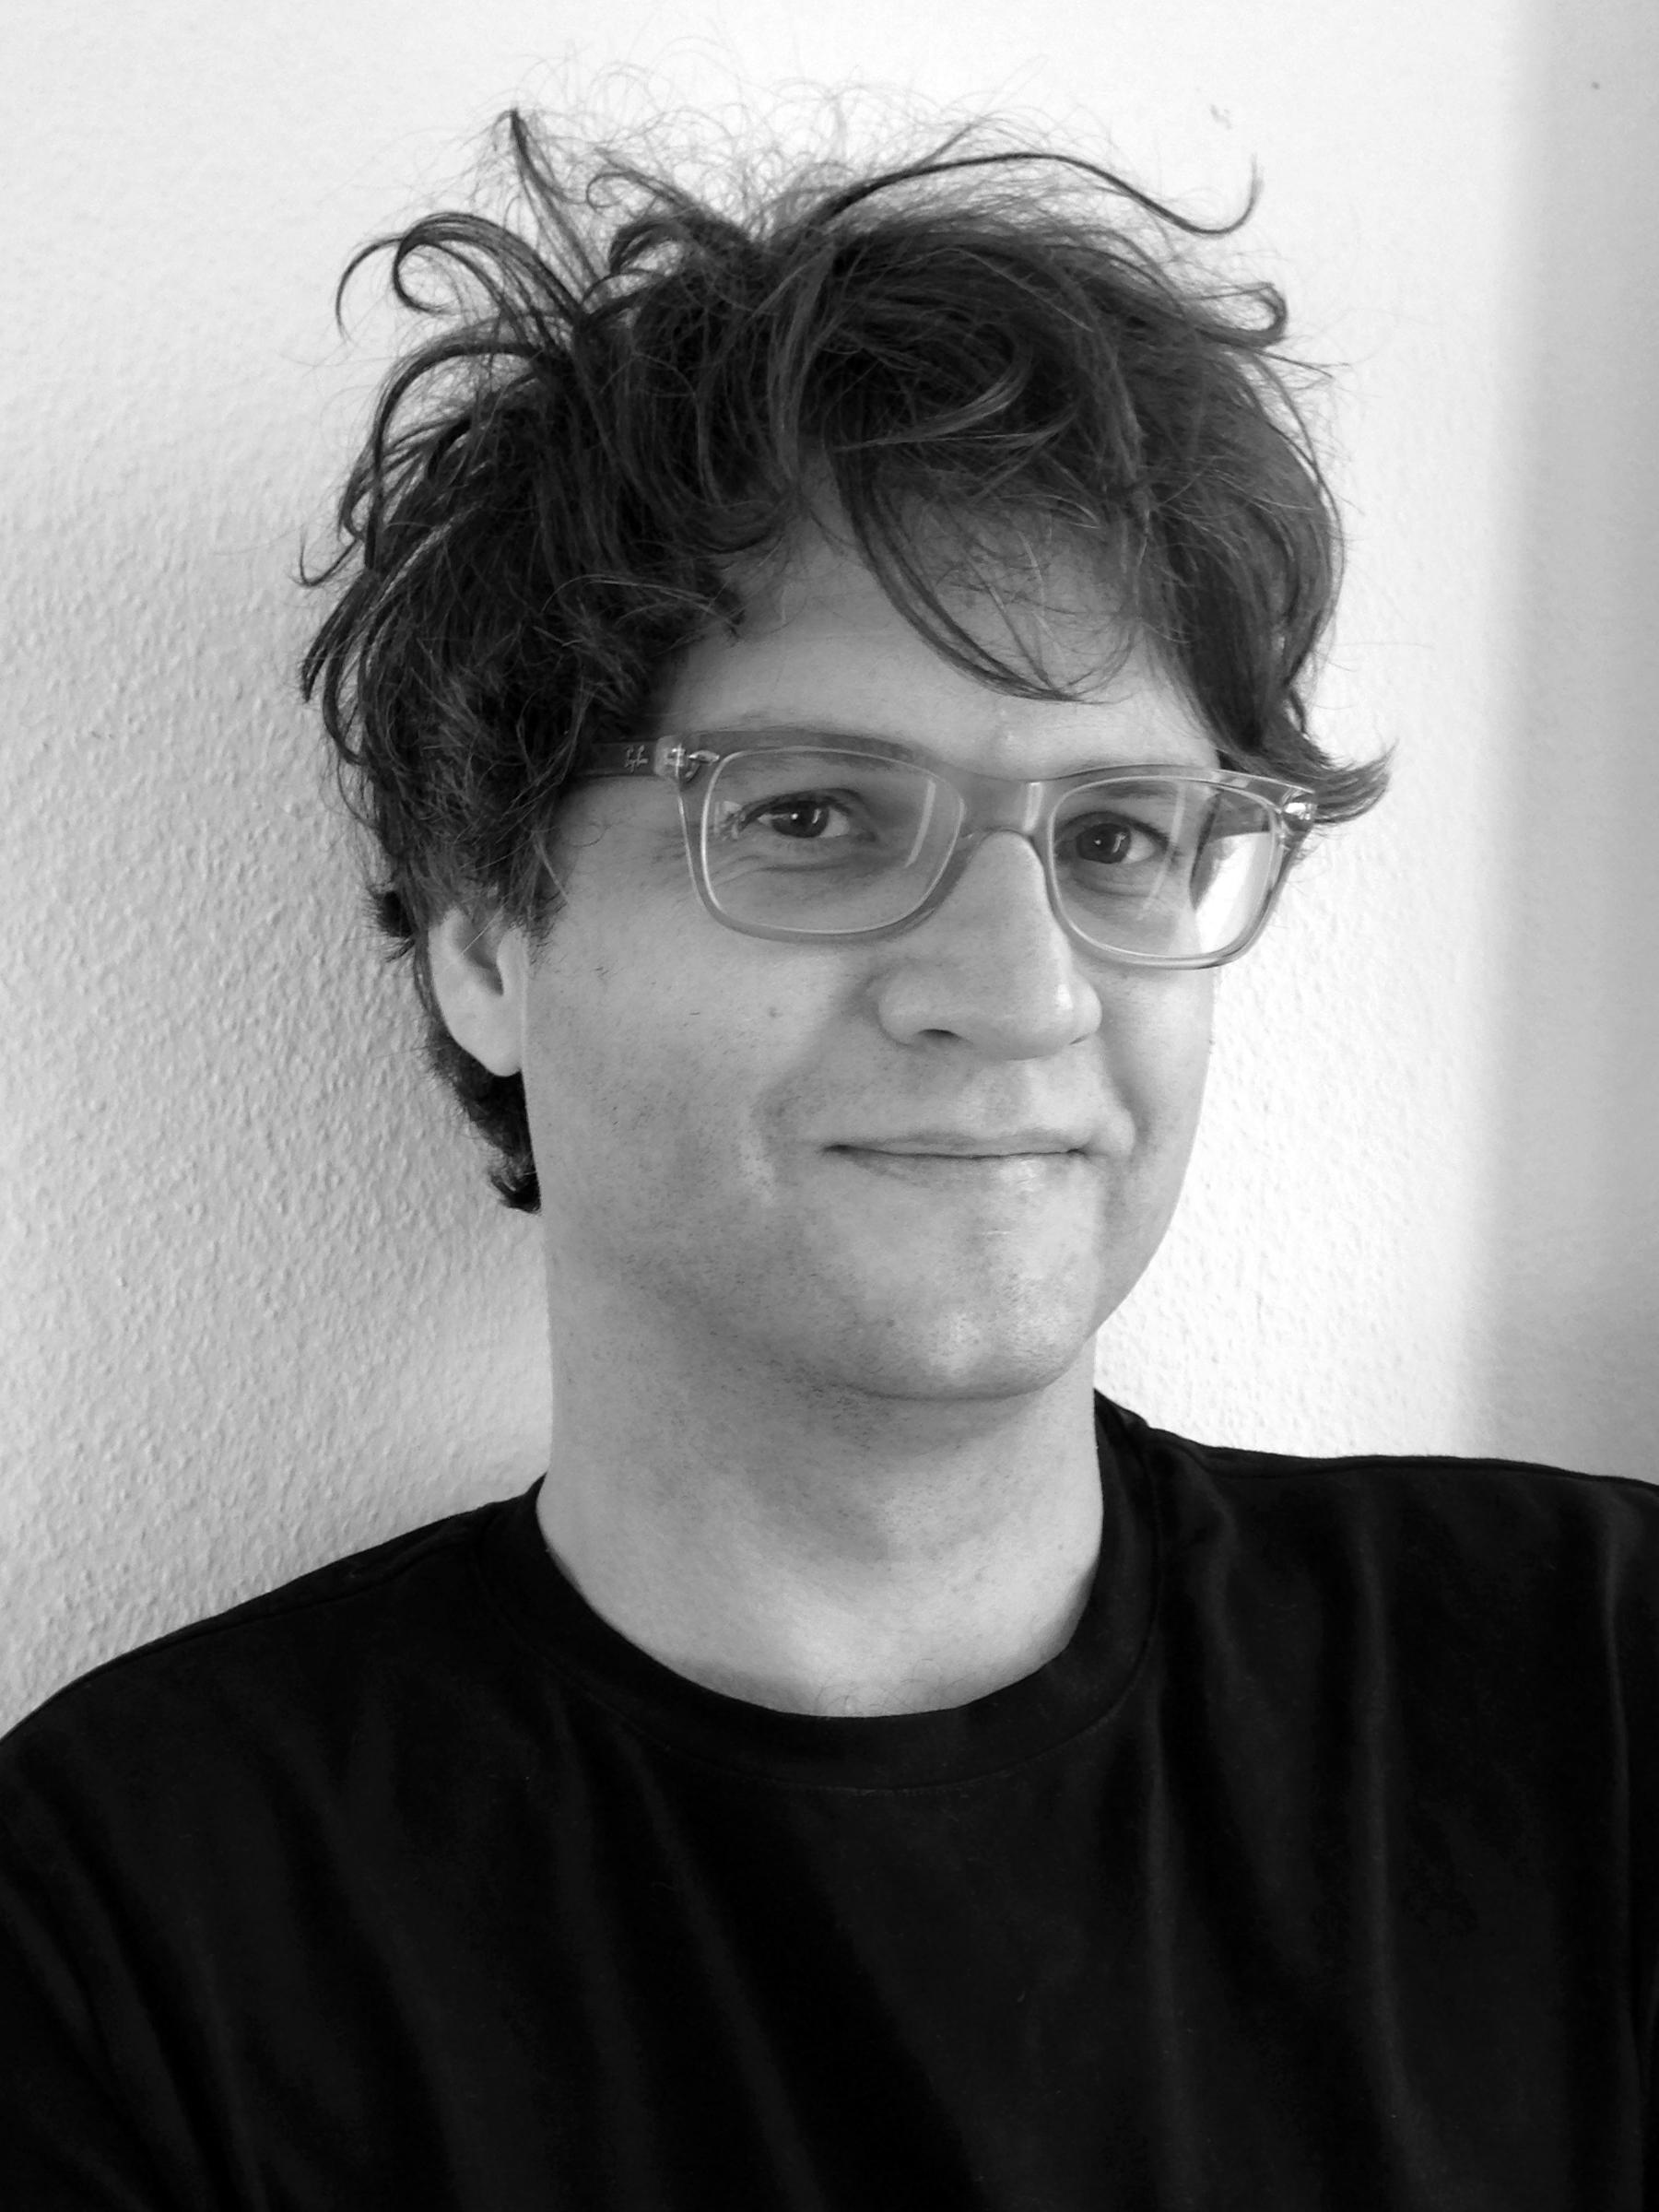 Moritz Baecher